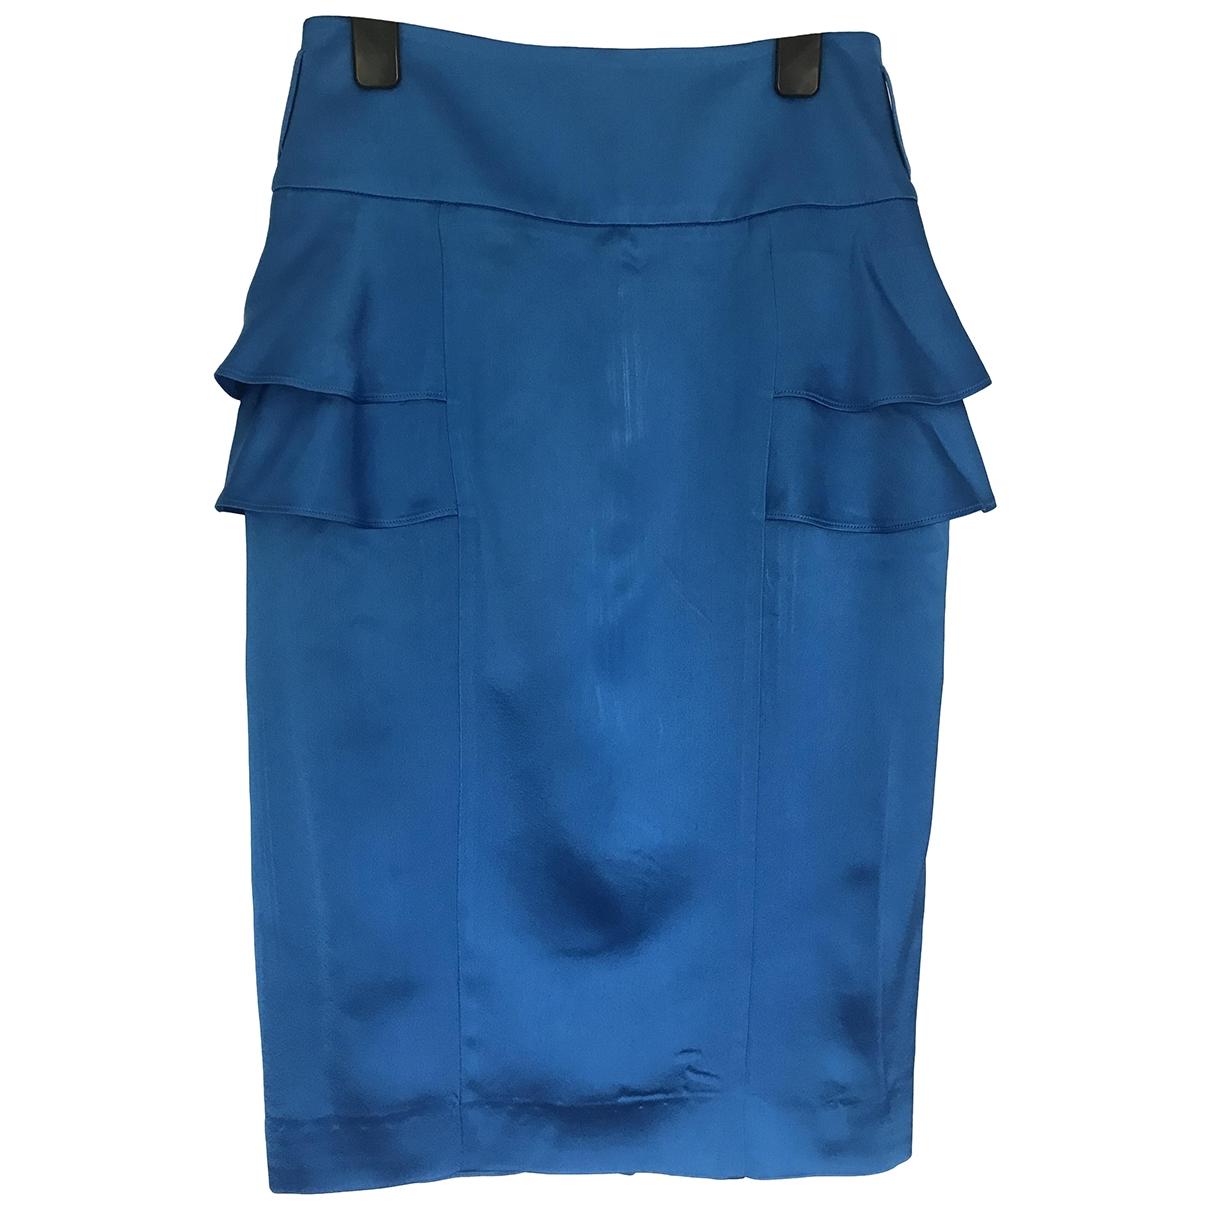 Reiss \N Blue skirt for Women 8 UK